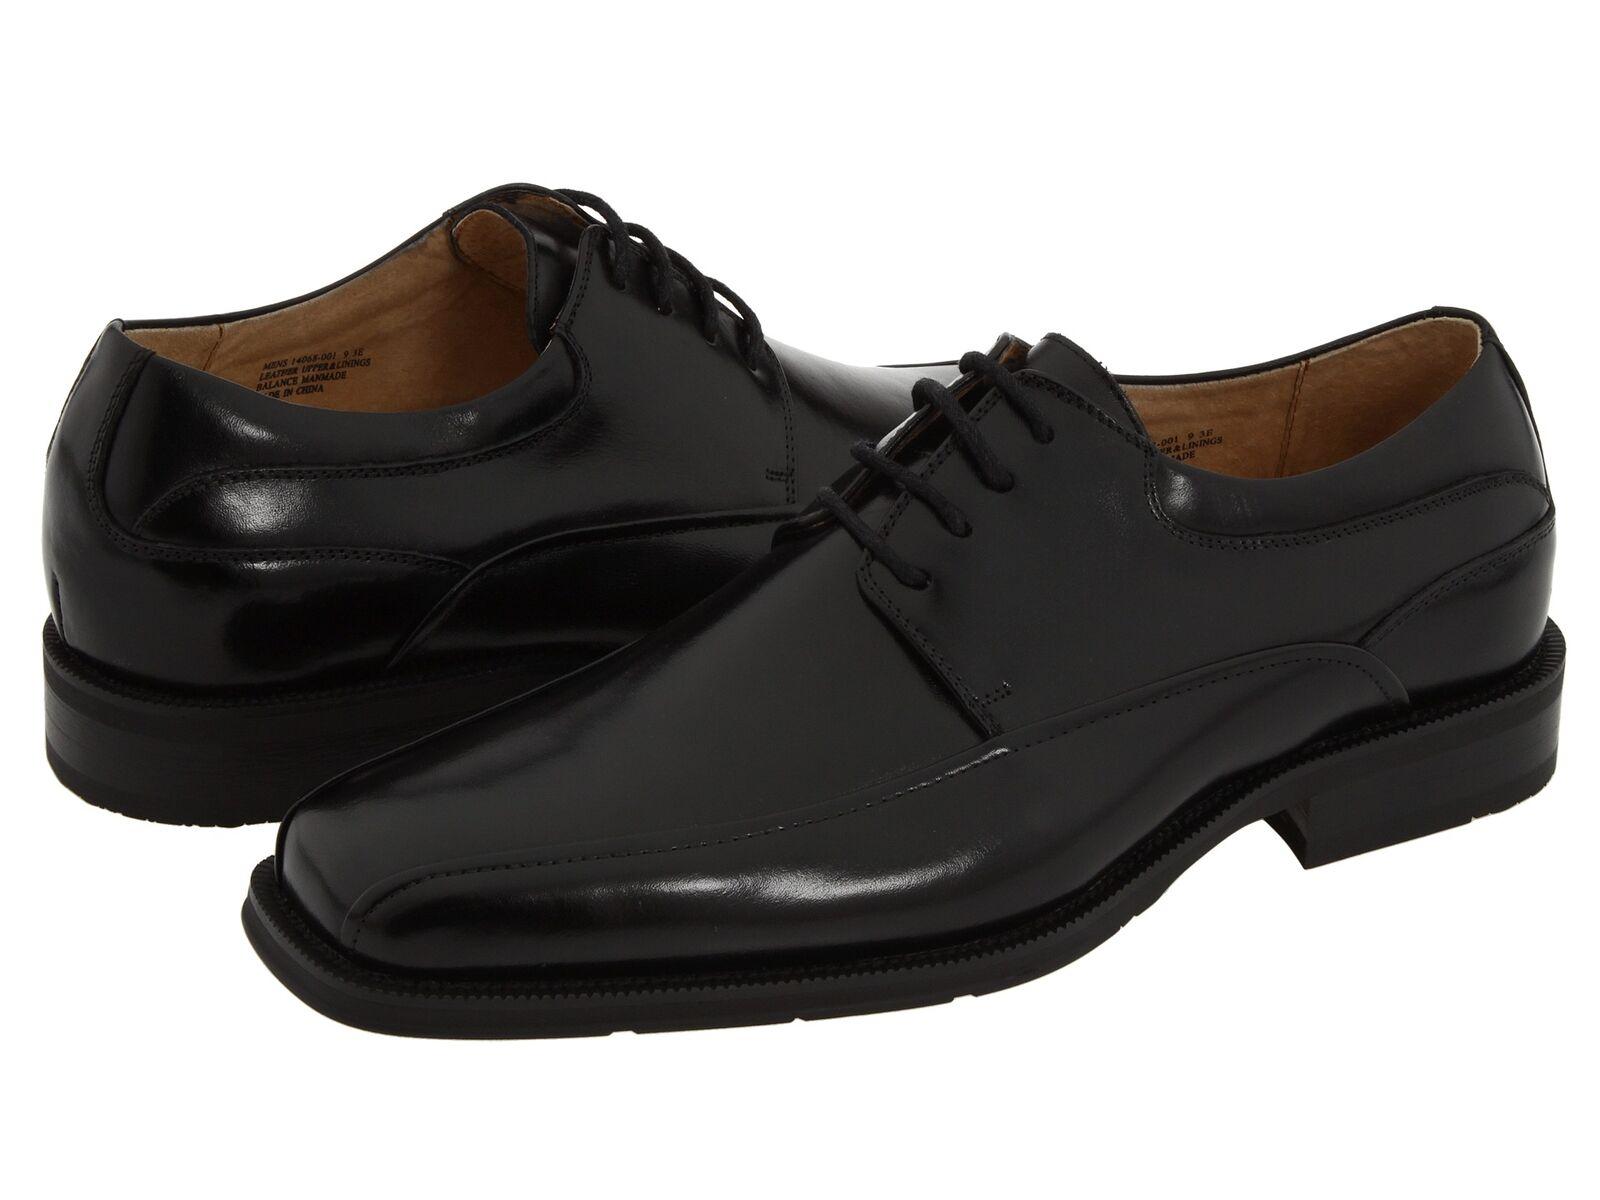 Florsheim Homme Curtis en Cuir à Lacets Chaussures Noires 14068-001